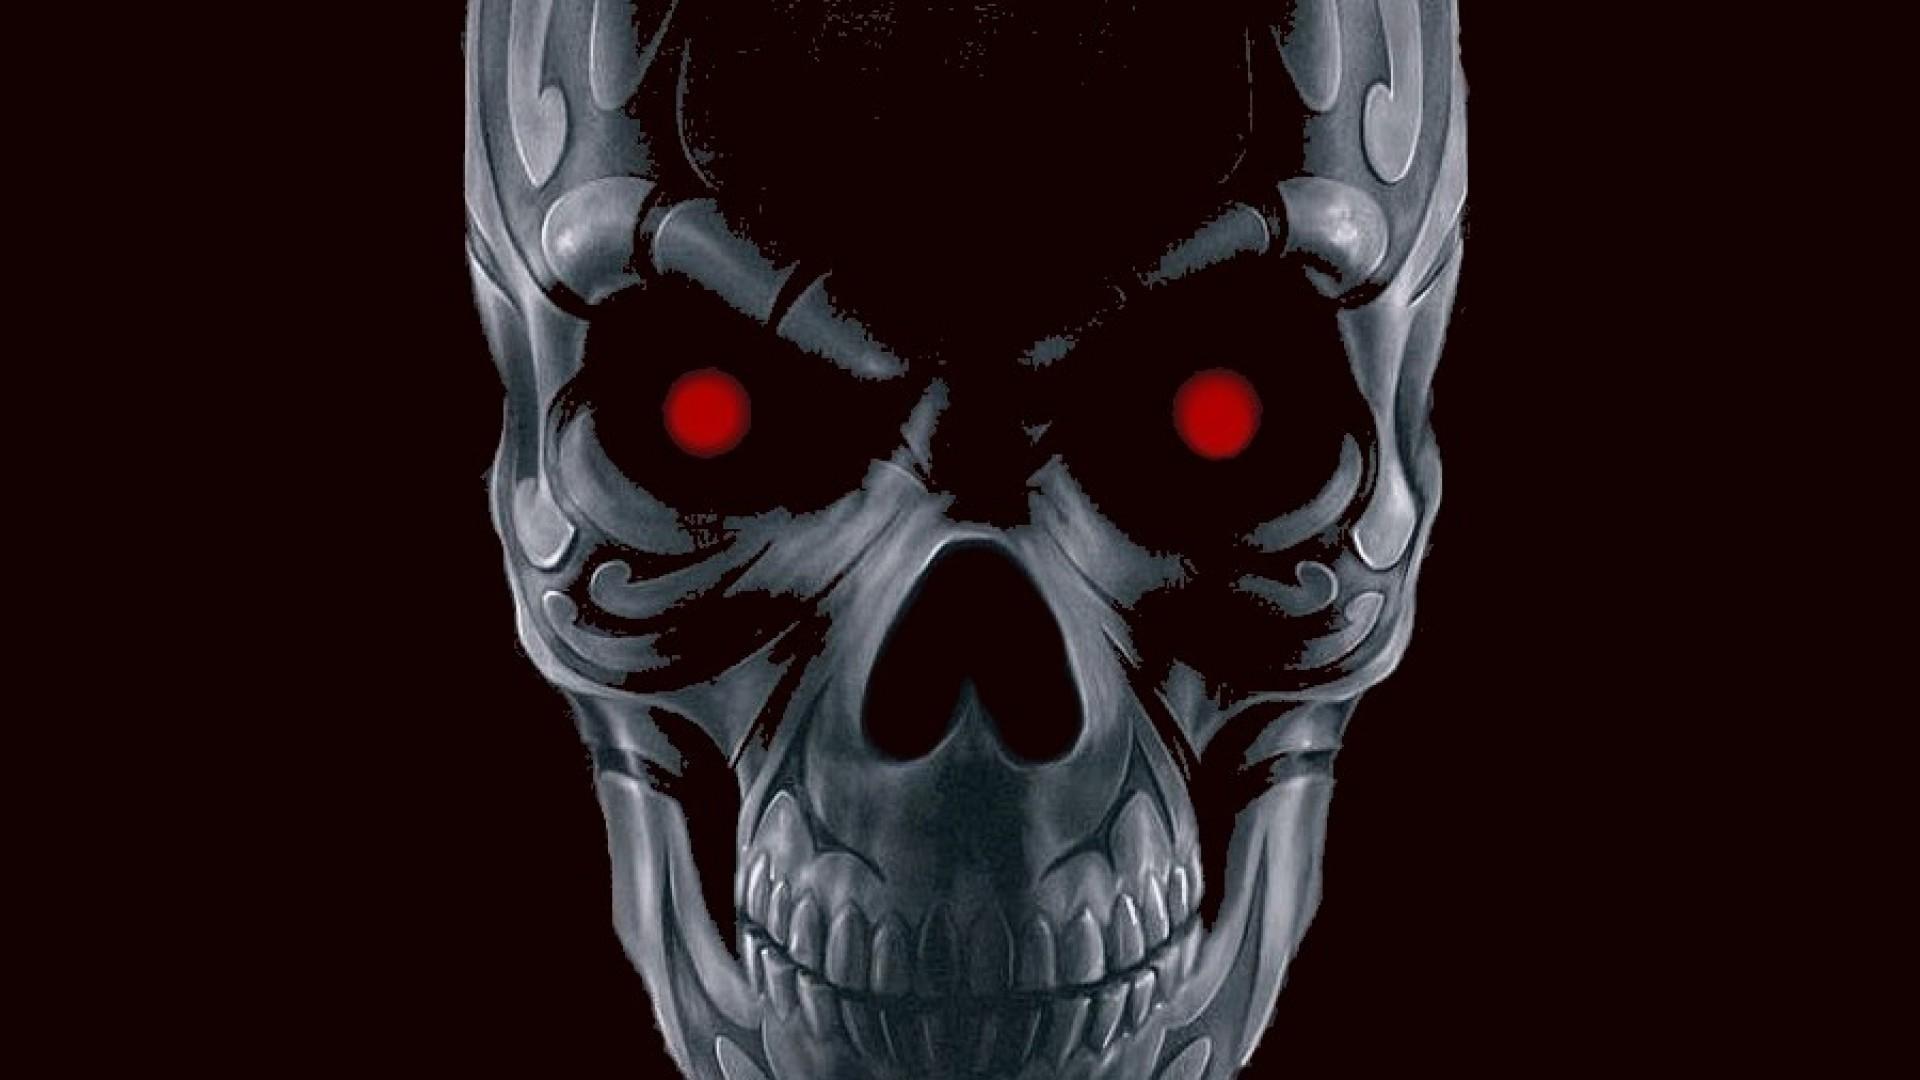 Horror Skull Wallpapers (44+ images)